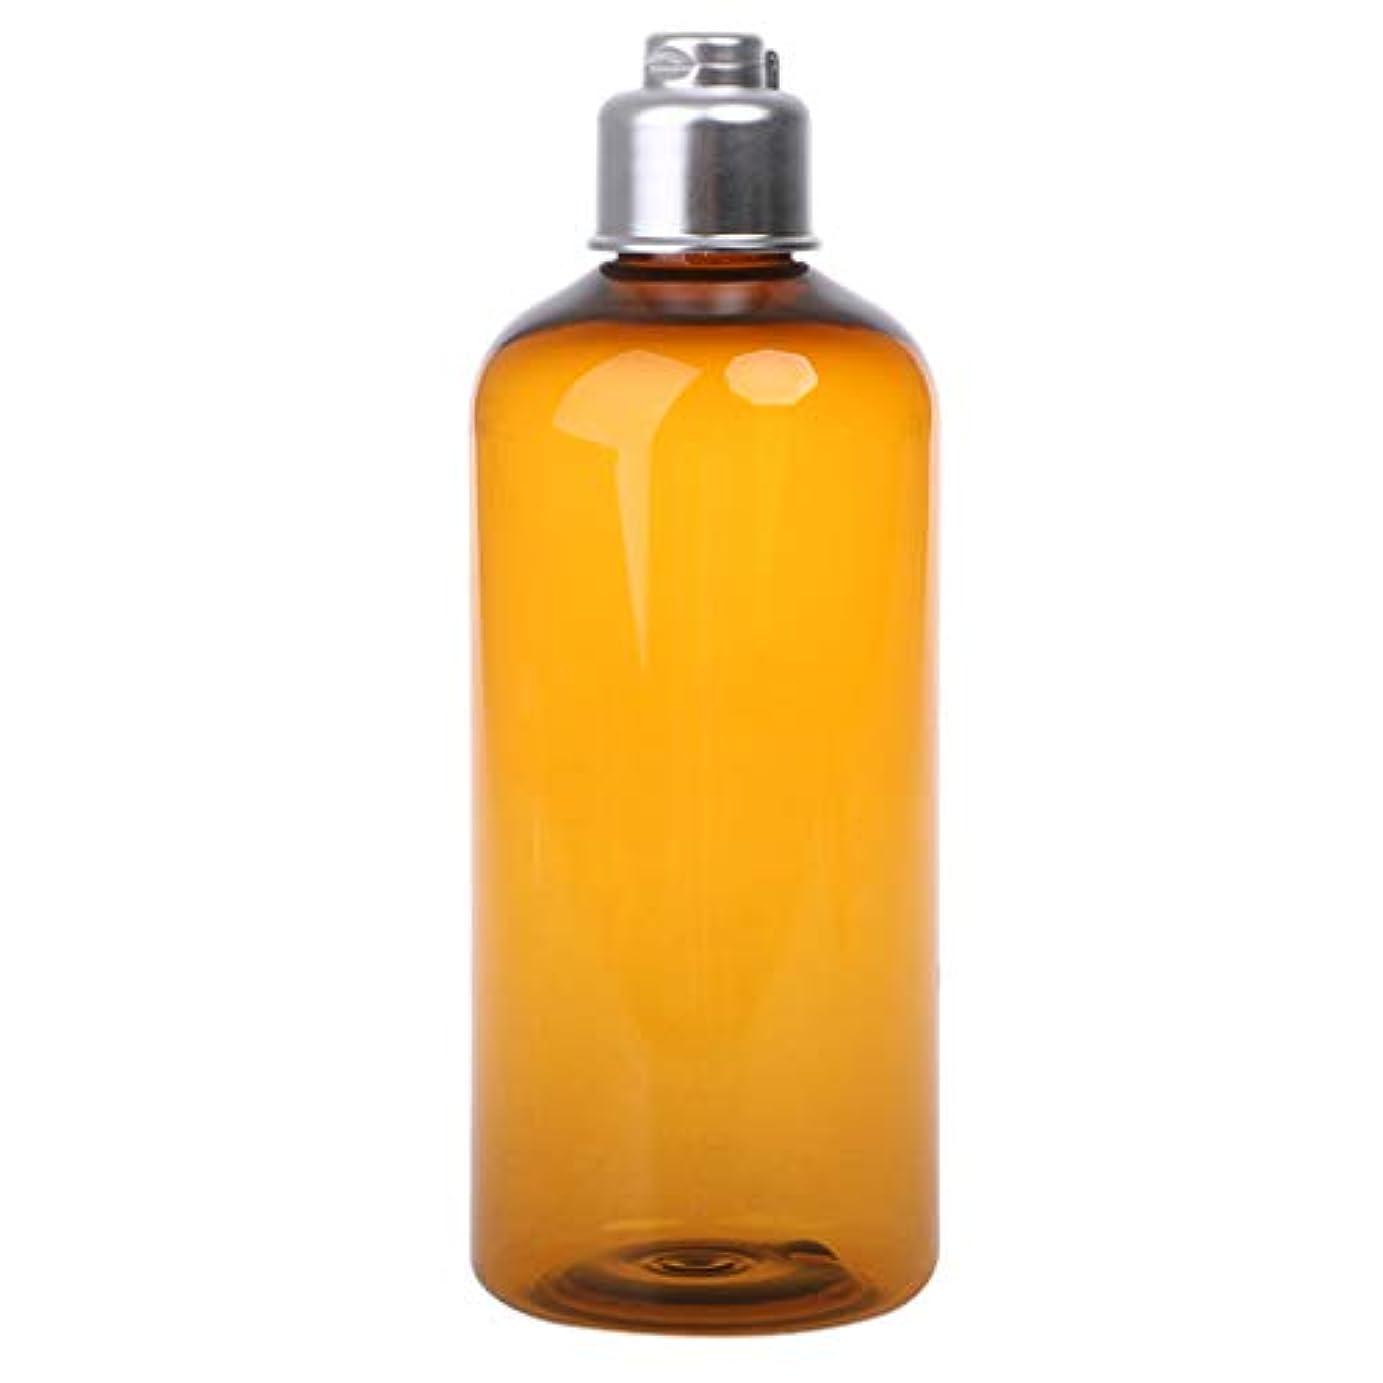 一般的な特殊体系的にDabixx 1ピース100/200 / 300ml化粧品空の詰め替え式ボトルクリームシャンプーローション - 300ML